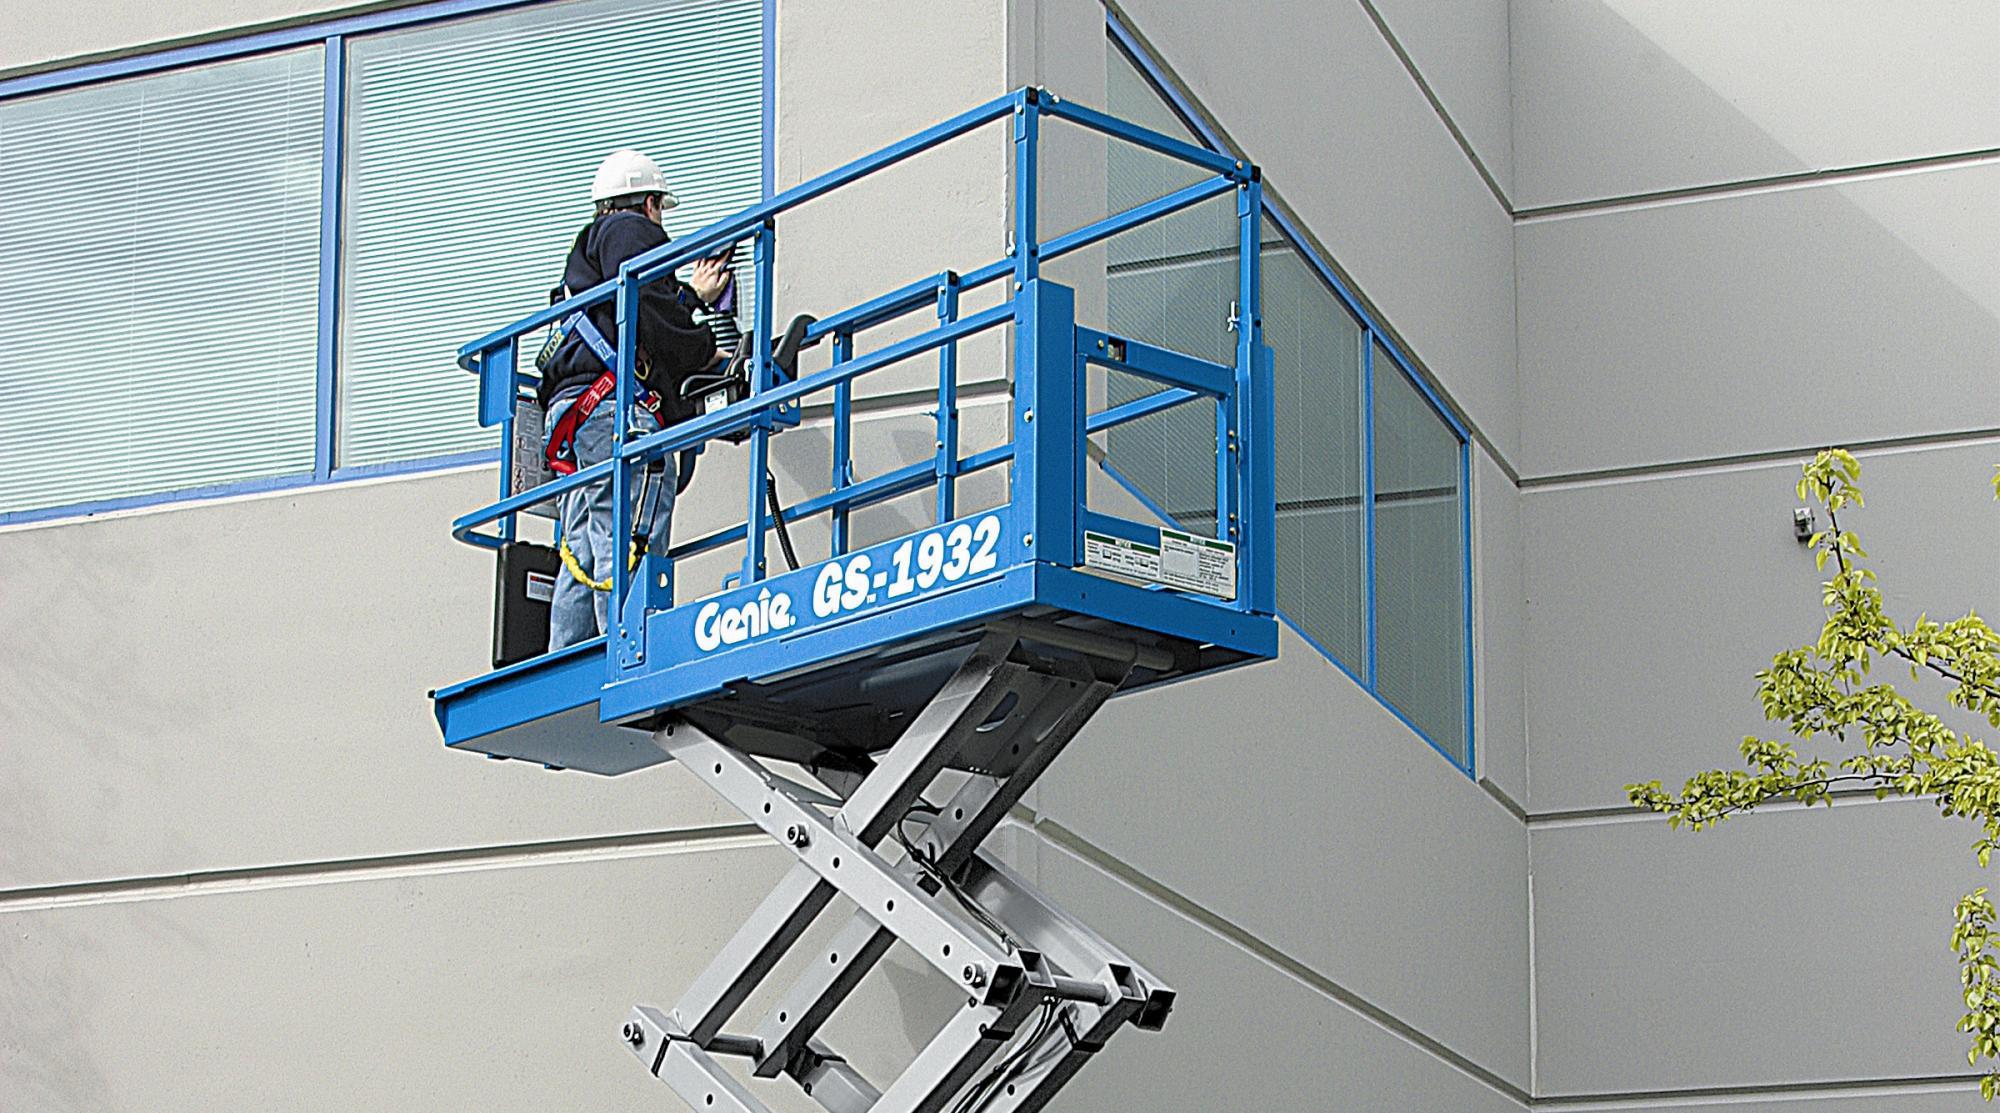 Genie® GS1932 Scissor Lift Access Platform